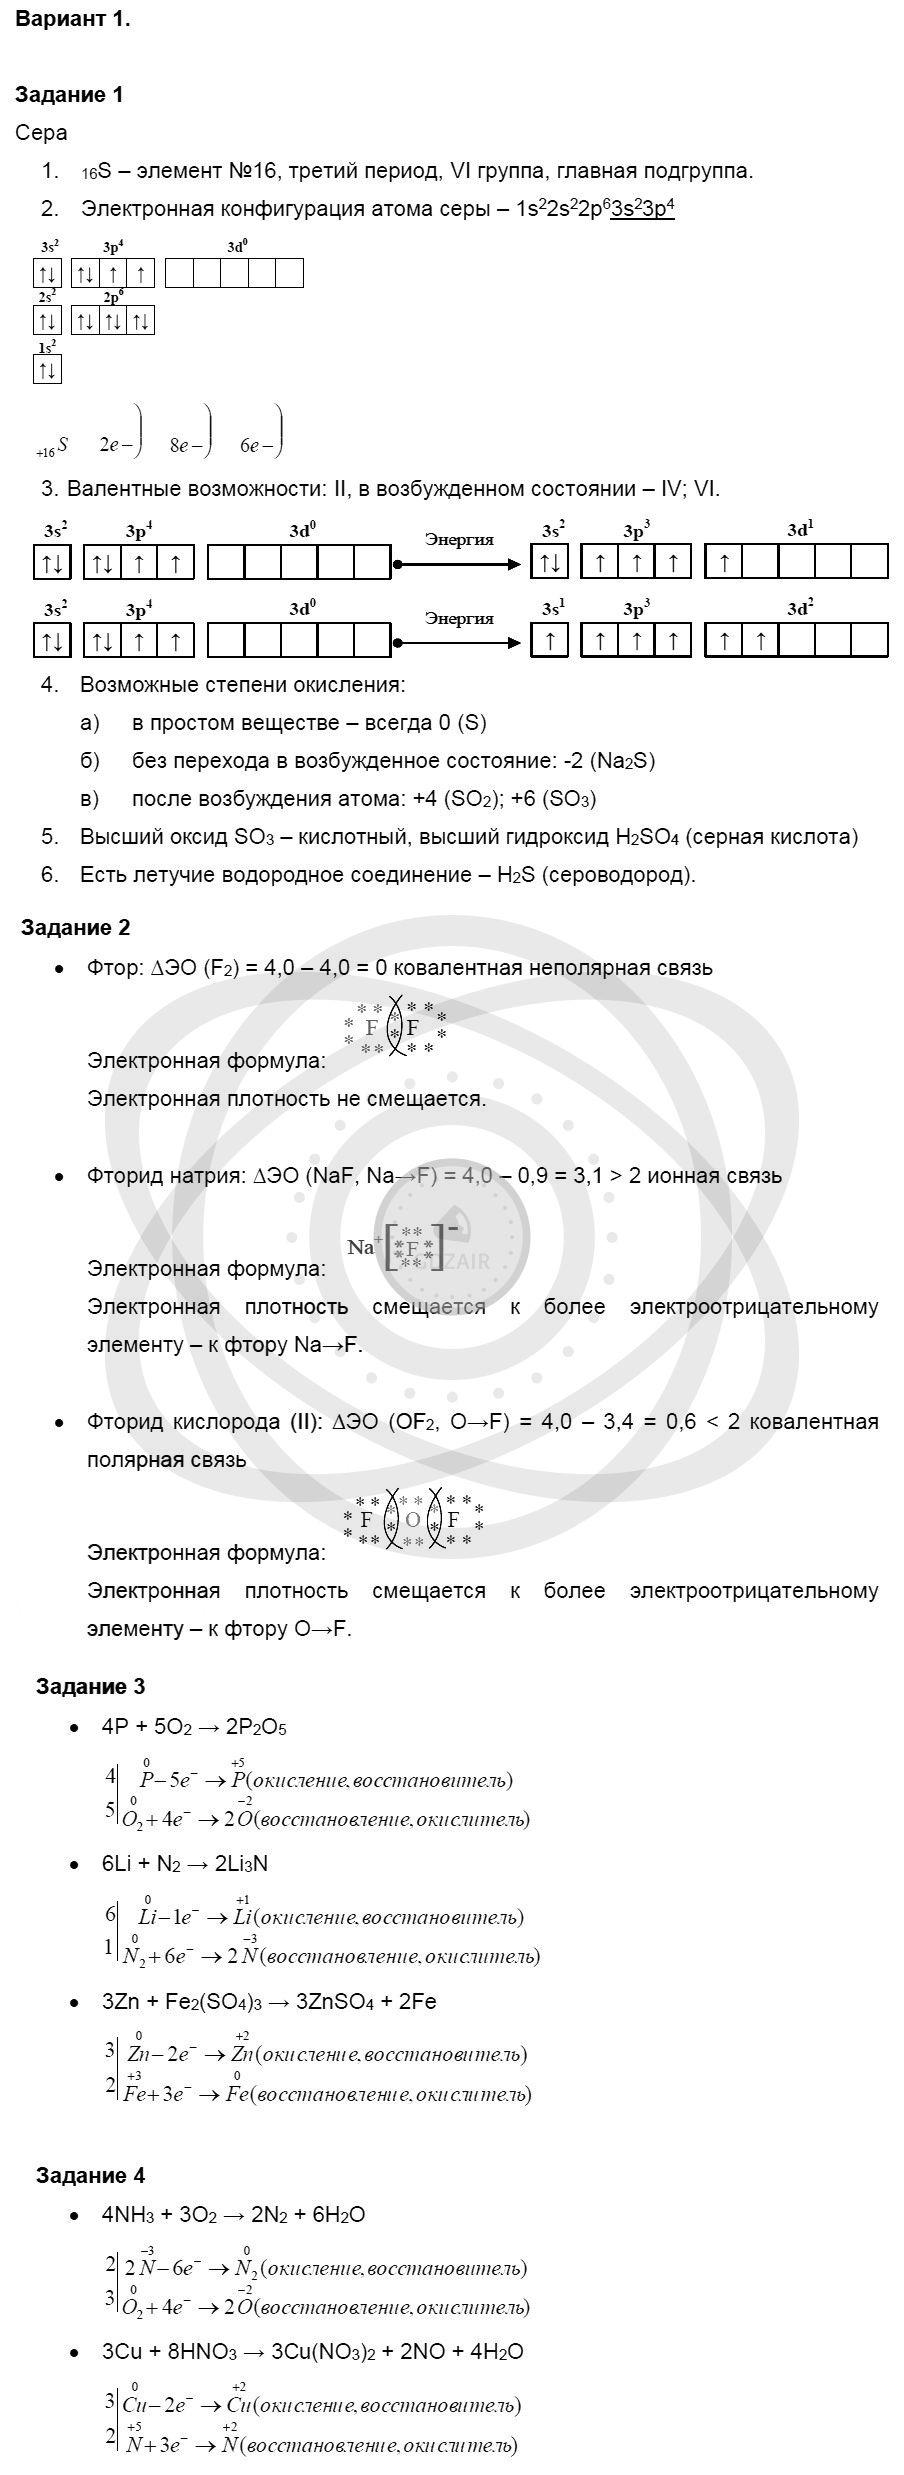 Химия 8 класс Кузнецова Н. Е. Глава 7. Строение вещества. Химические реакции в свете электронной теории / Контрольная работа: Вариант 1